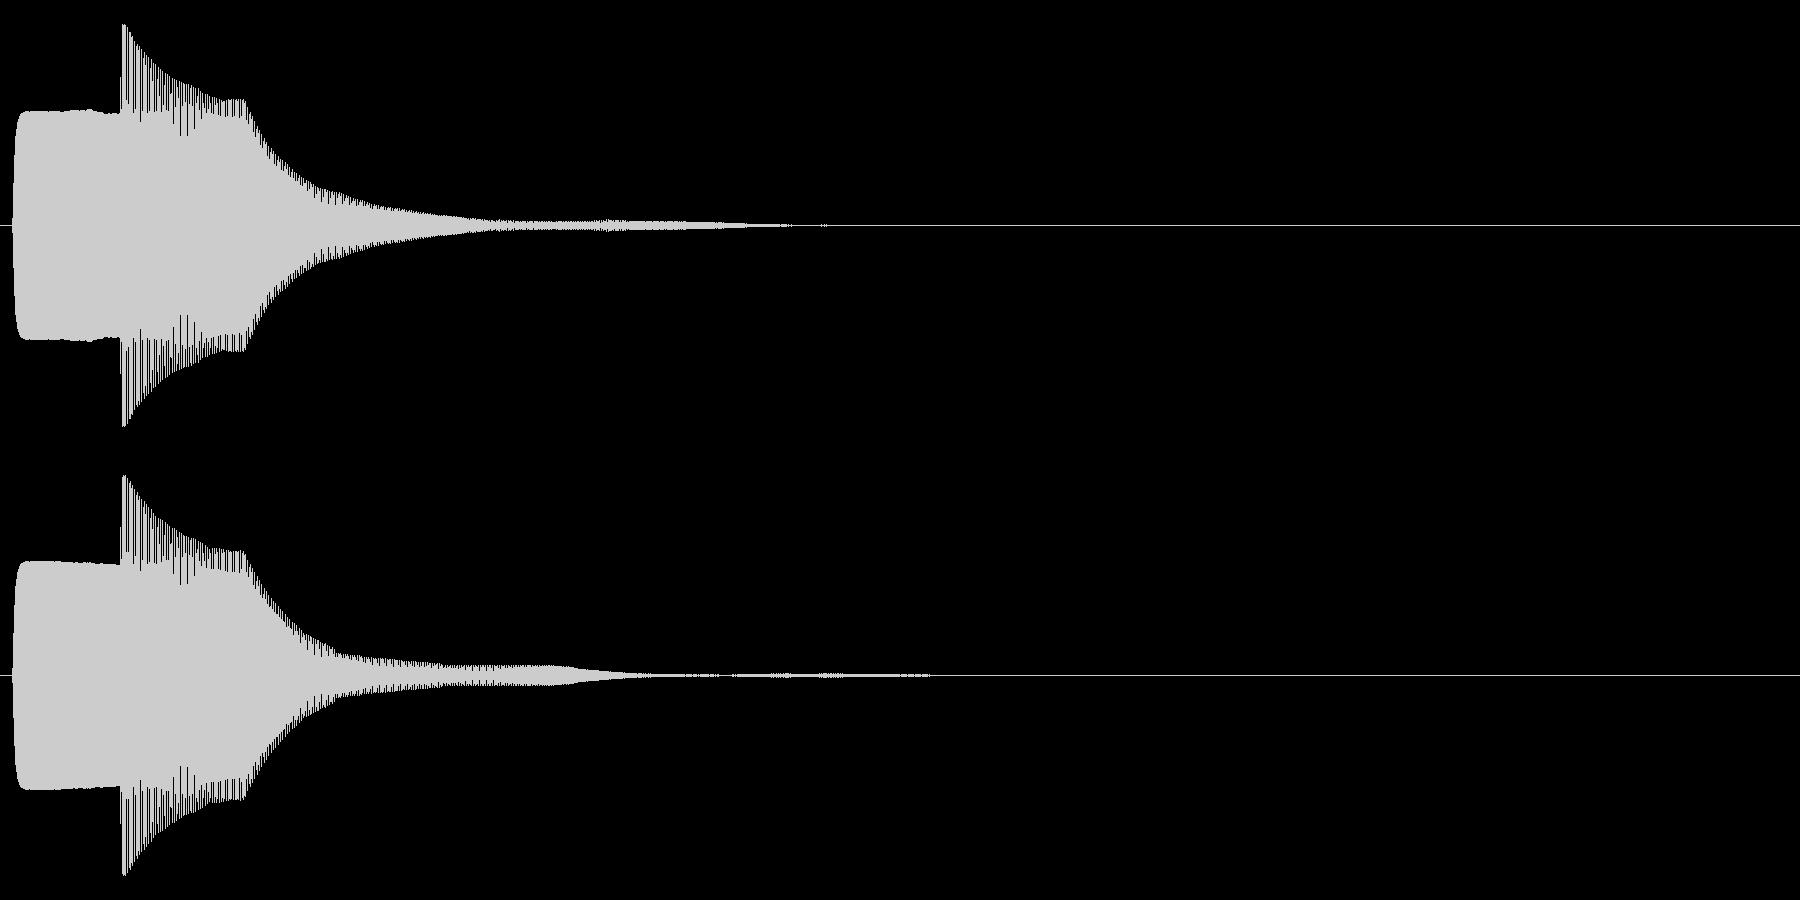 ピコン(キャンセル,終了,停止)_05の未再生の波形